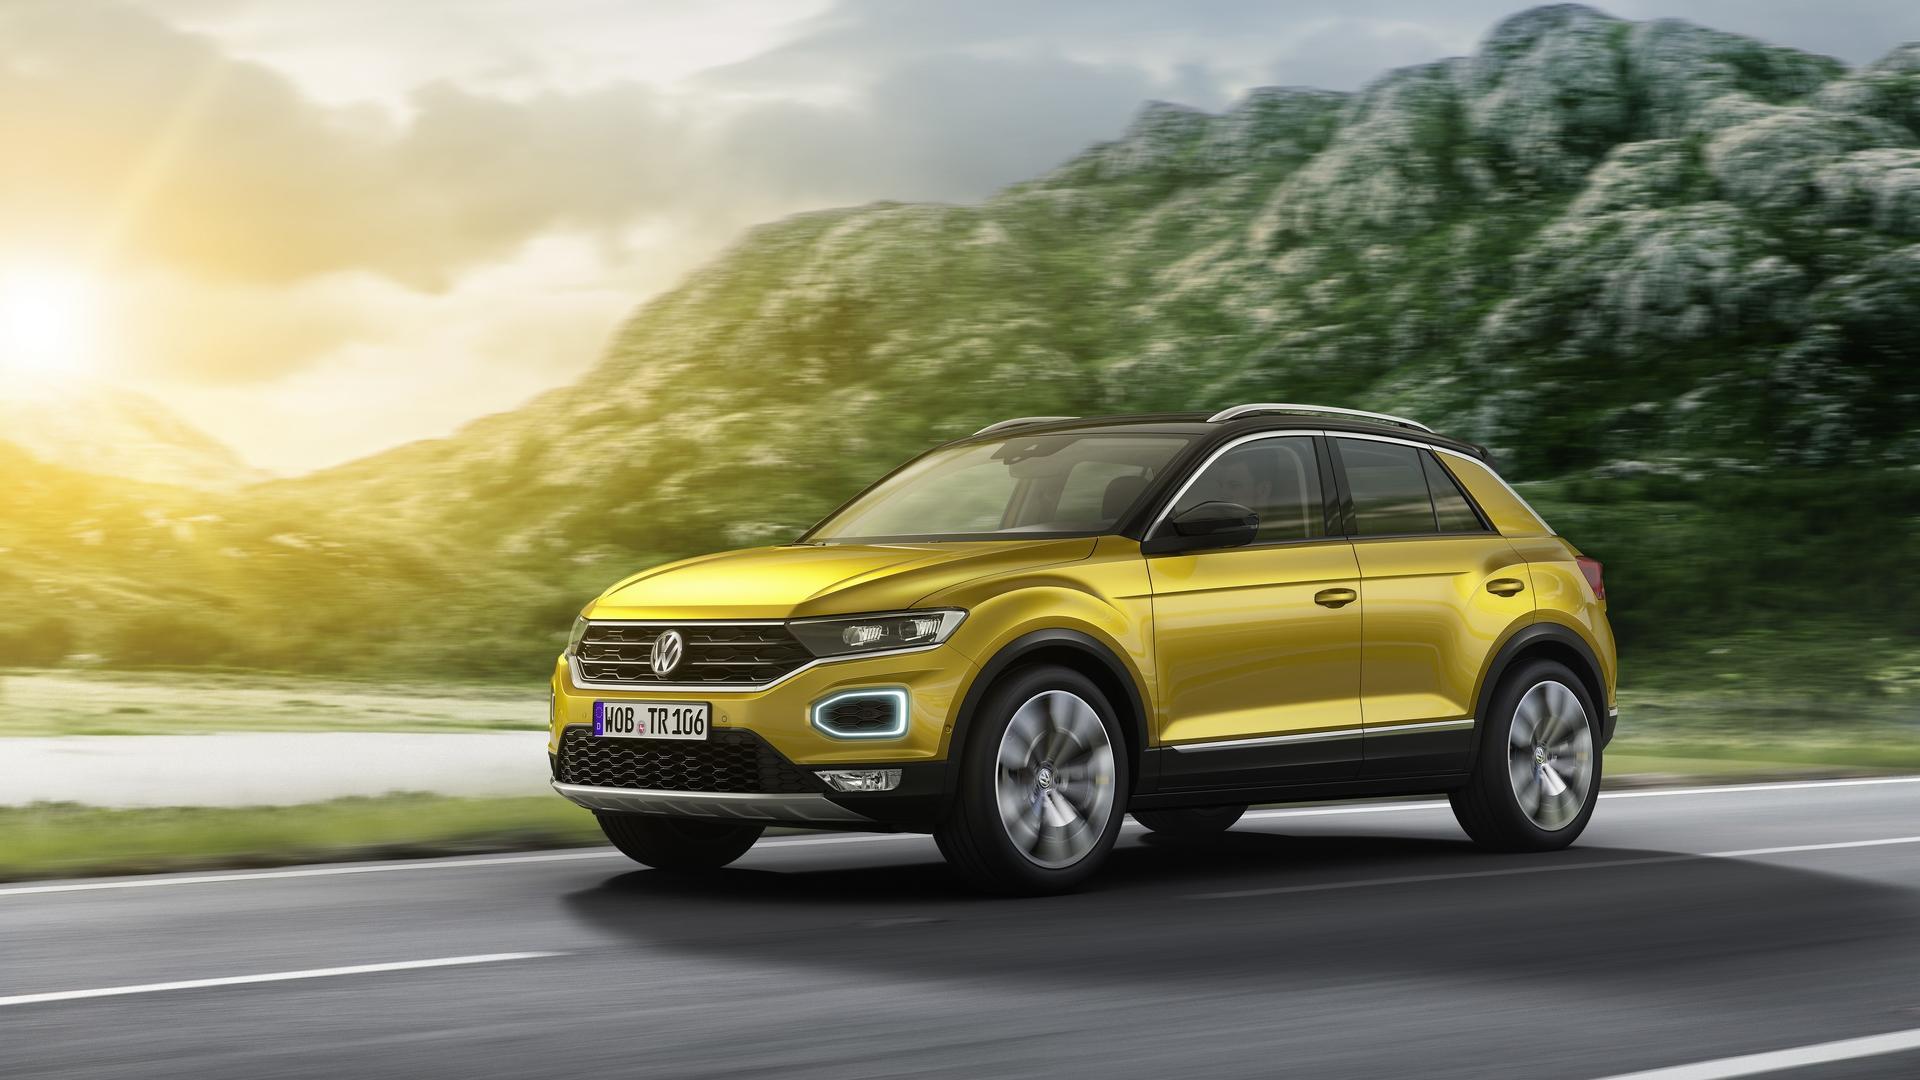 VW T-Roc u punom sjaju (galerija i video)